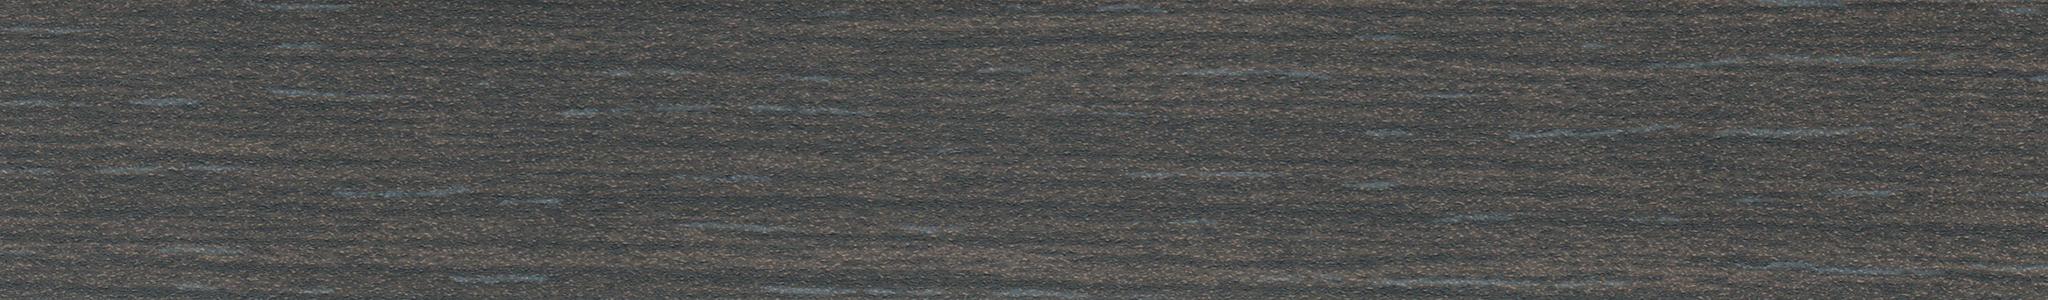 HD 243362 ABS hrana dub perla